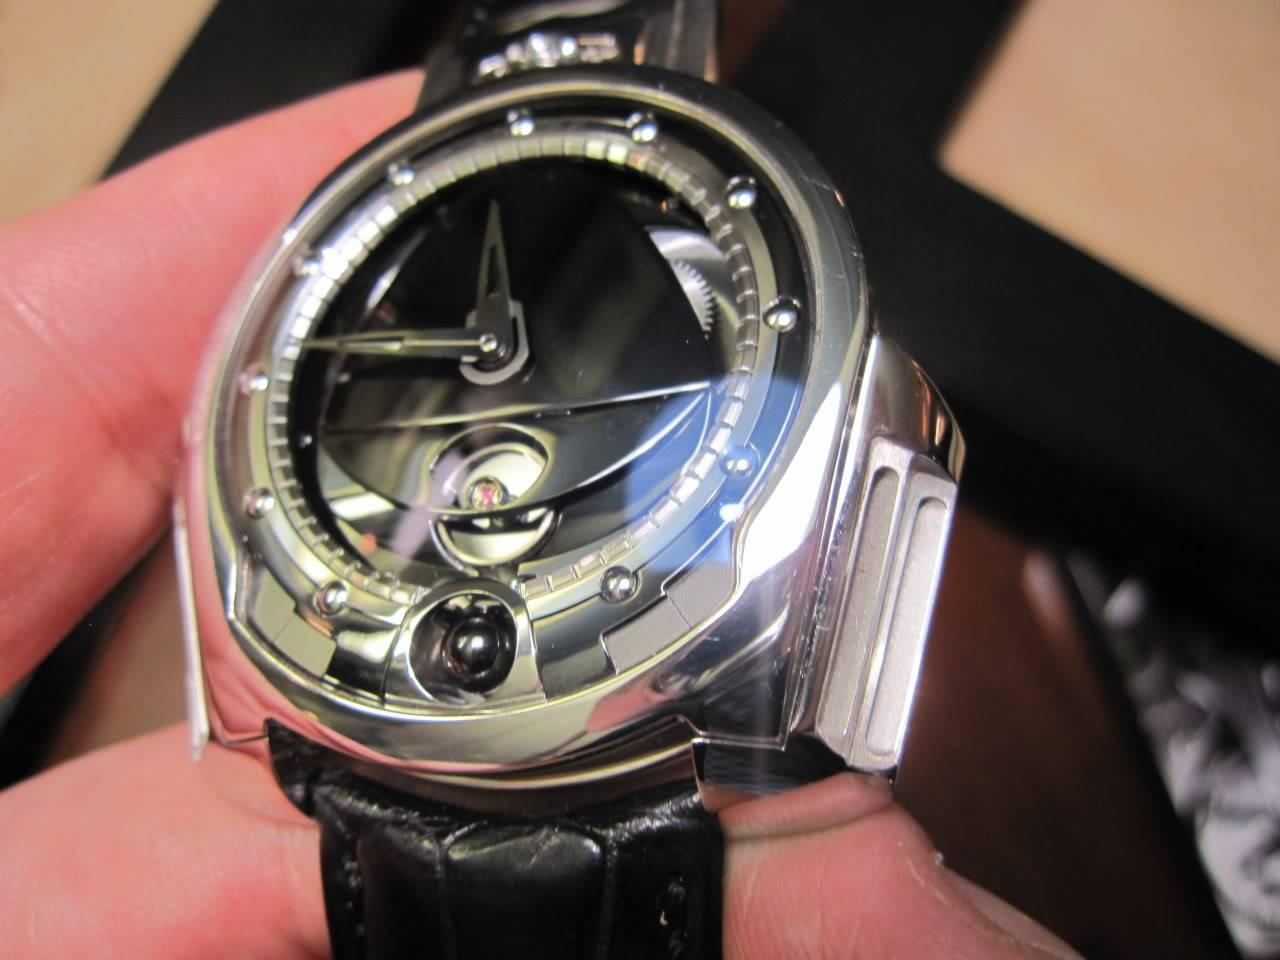 Où l'horlogerie devient art... (De Bethune inside) - Page 2 DB_SIHH2010_033